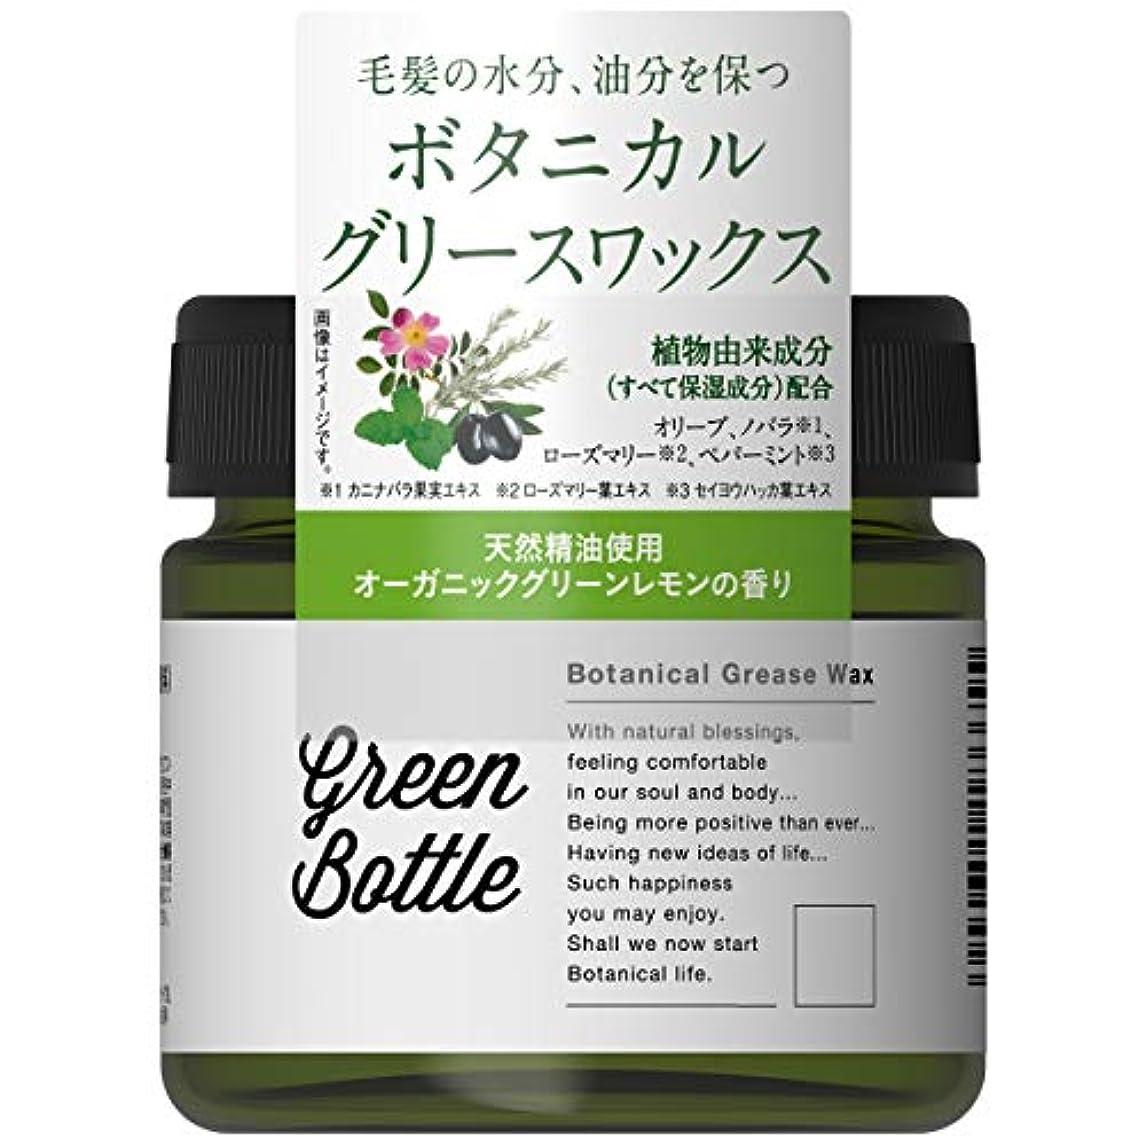 アジア人レジ最もグリーンボトルボタニカルヘアワックス